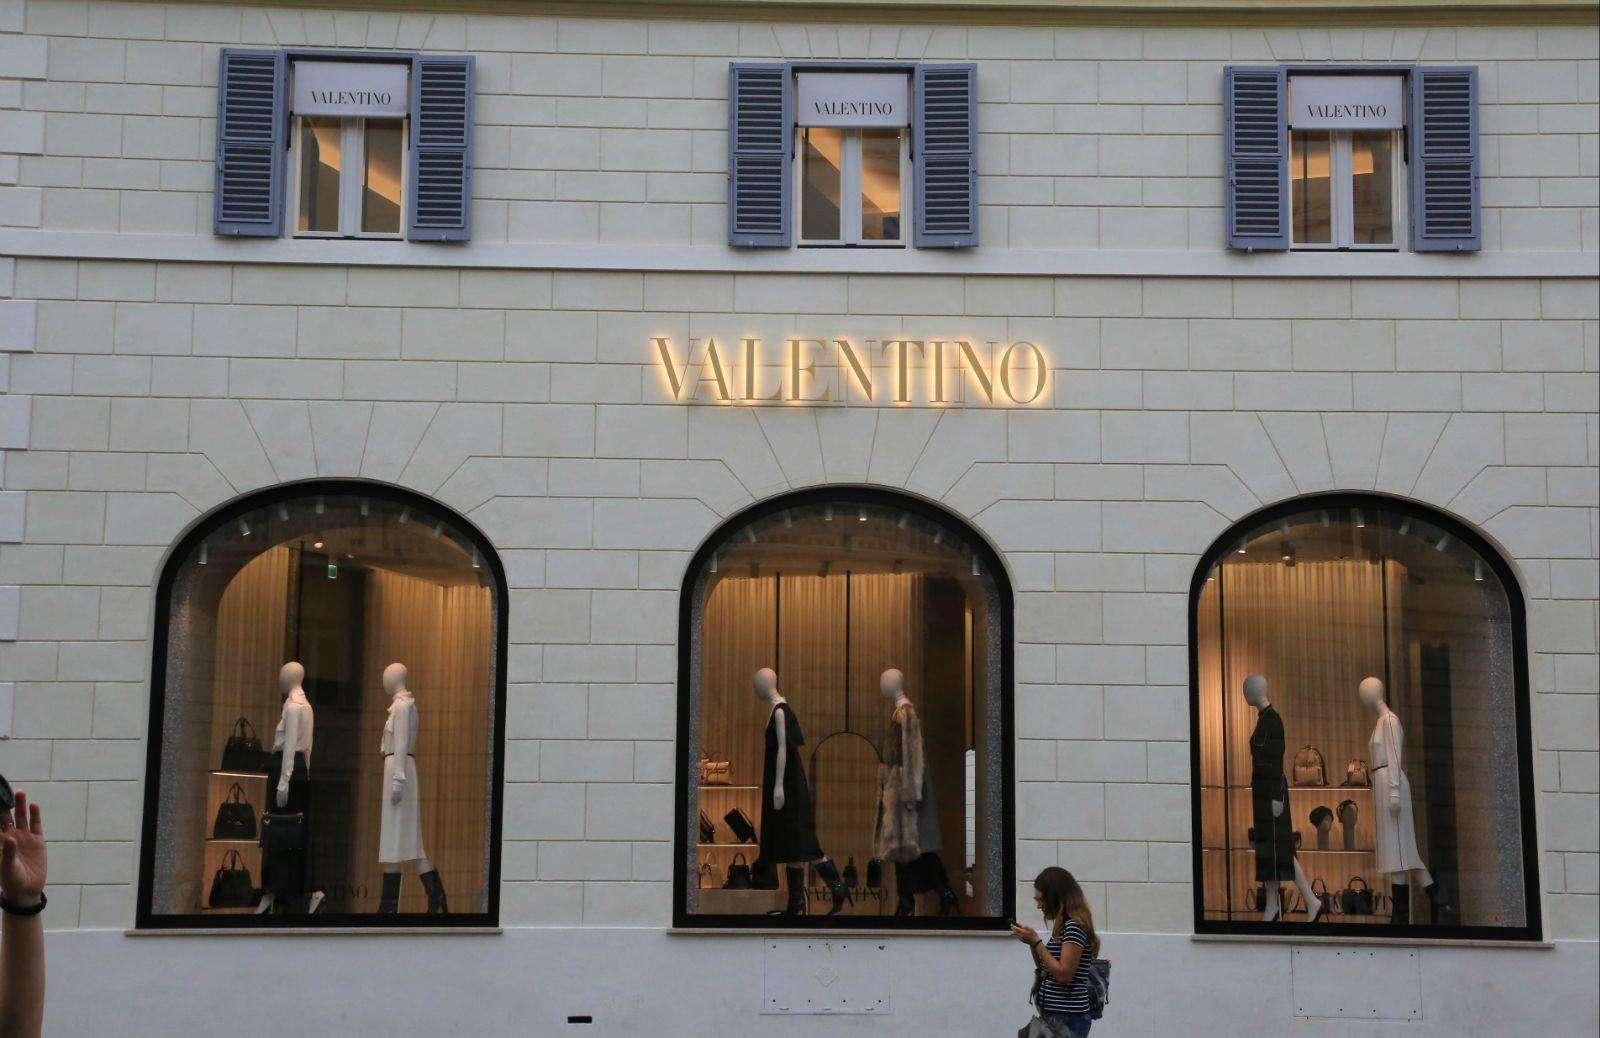 意大利奢侈品牌决定给每一个员工股权